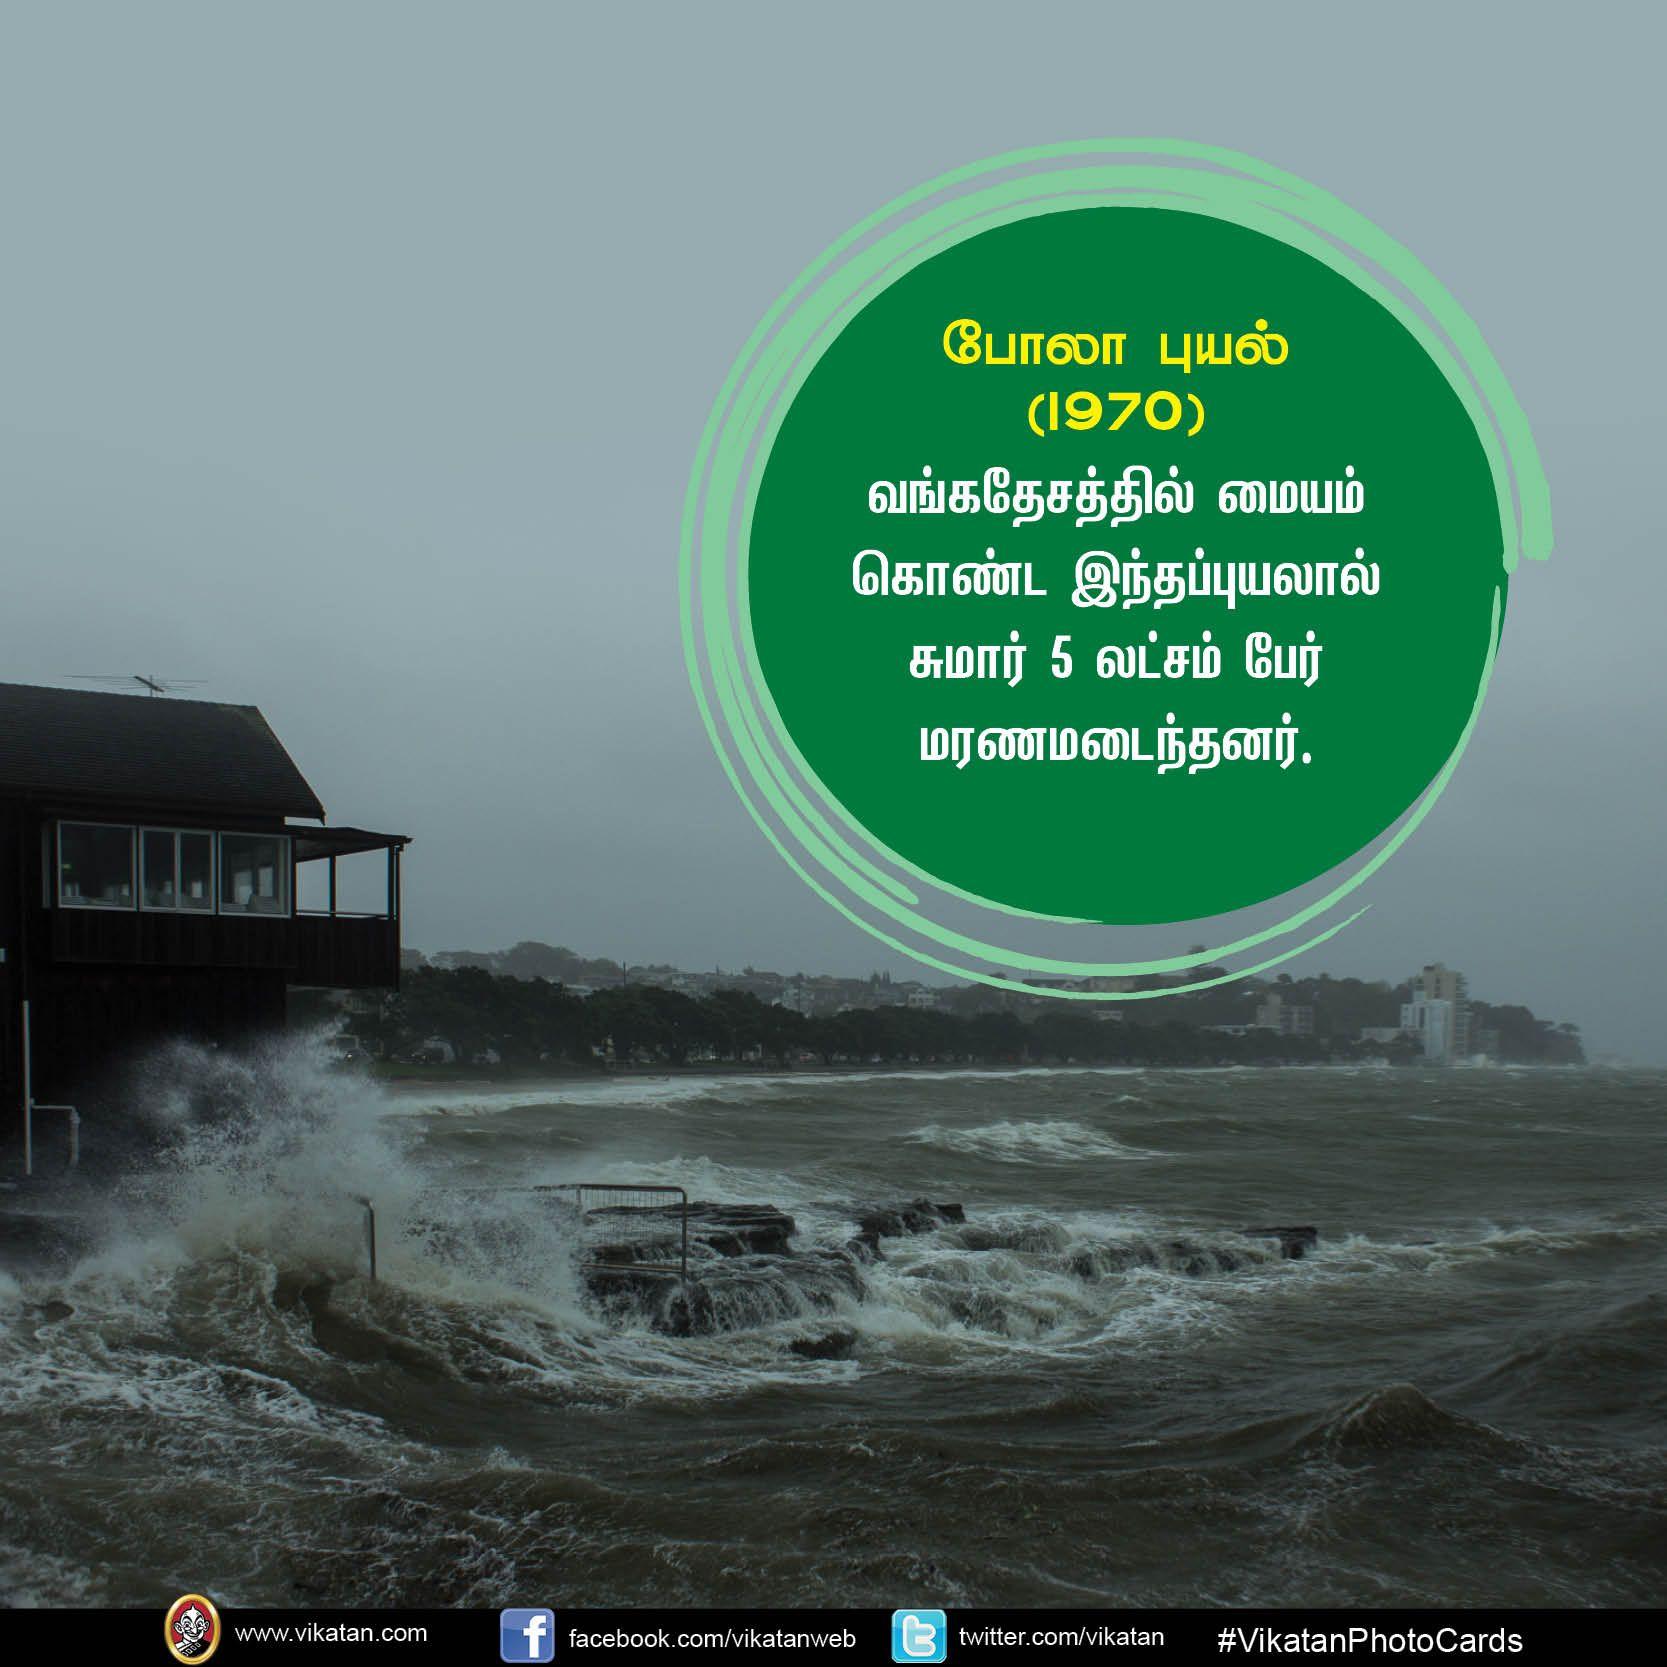 அலெப்போ பூகம்பம் முதல் முதல் ஹார்வி புயல் வரை... உலகை உலுக்கிய இயற்கைப் பேரிடர்கள்! #VikatanPhotoCards